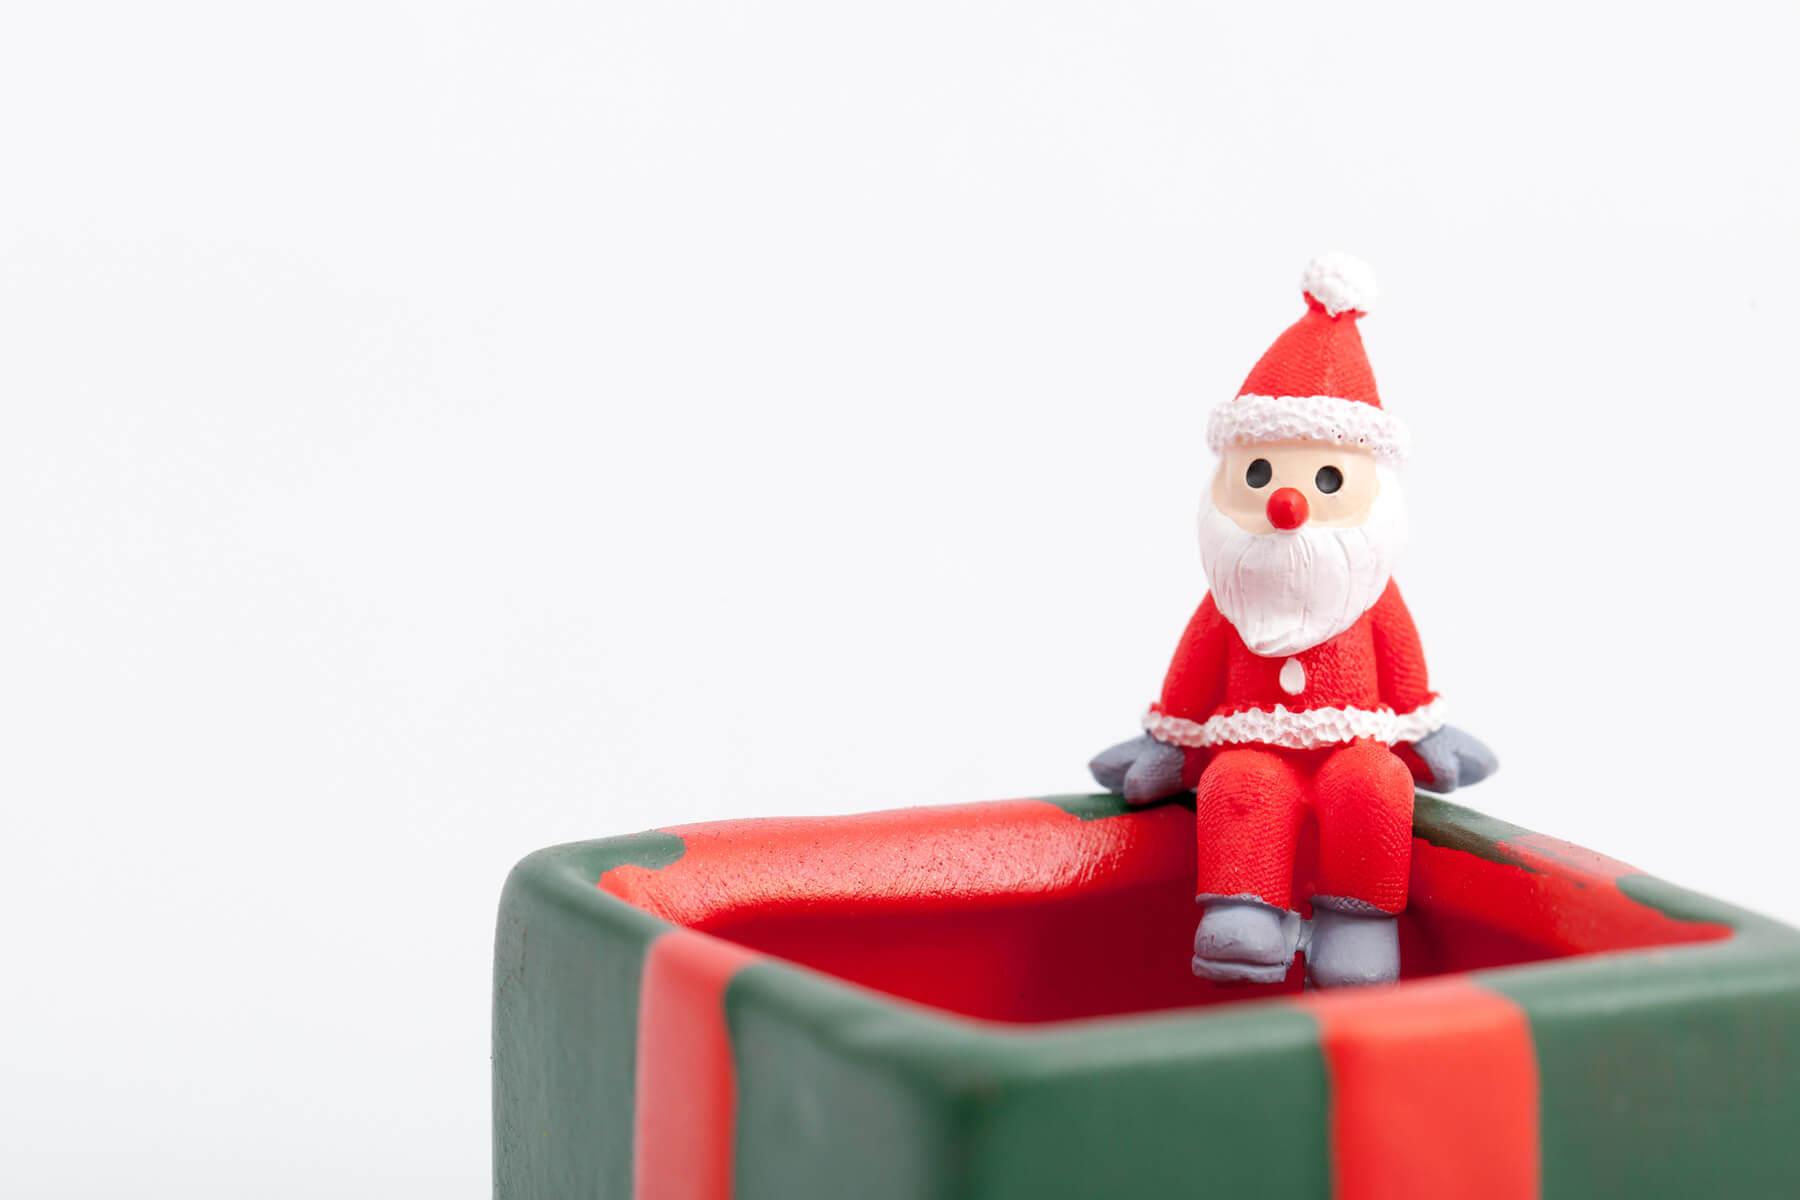 サンタクロースの衣装はなぜ赤い?その由来を調べてみた